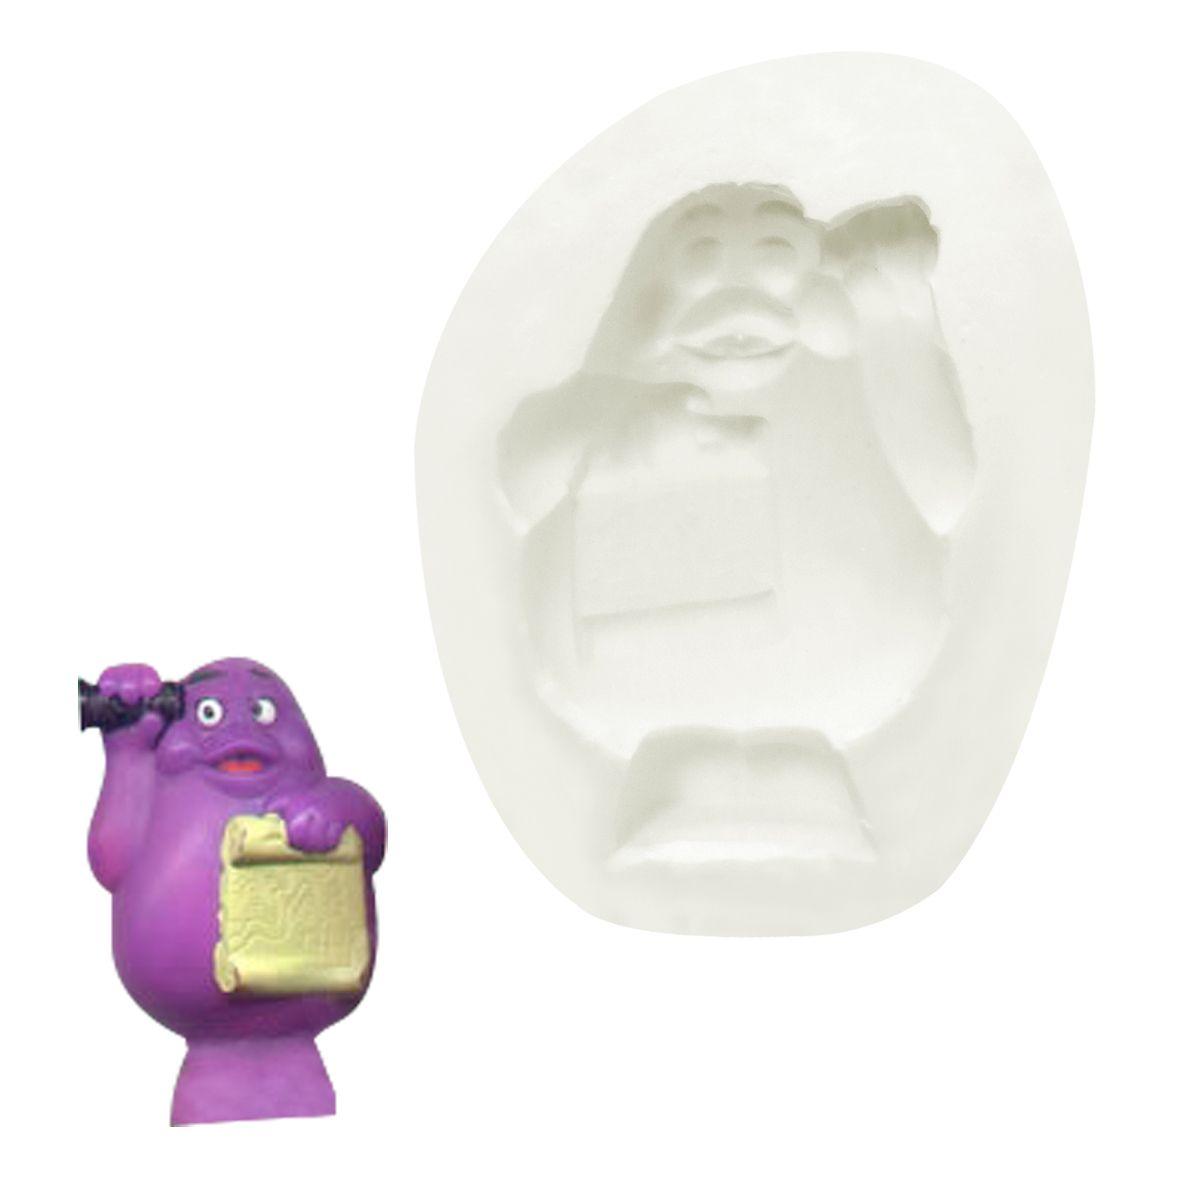 Molde de Silicone Monstrinho 01 - Gummies